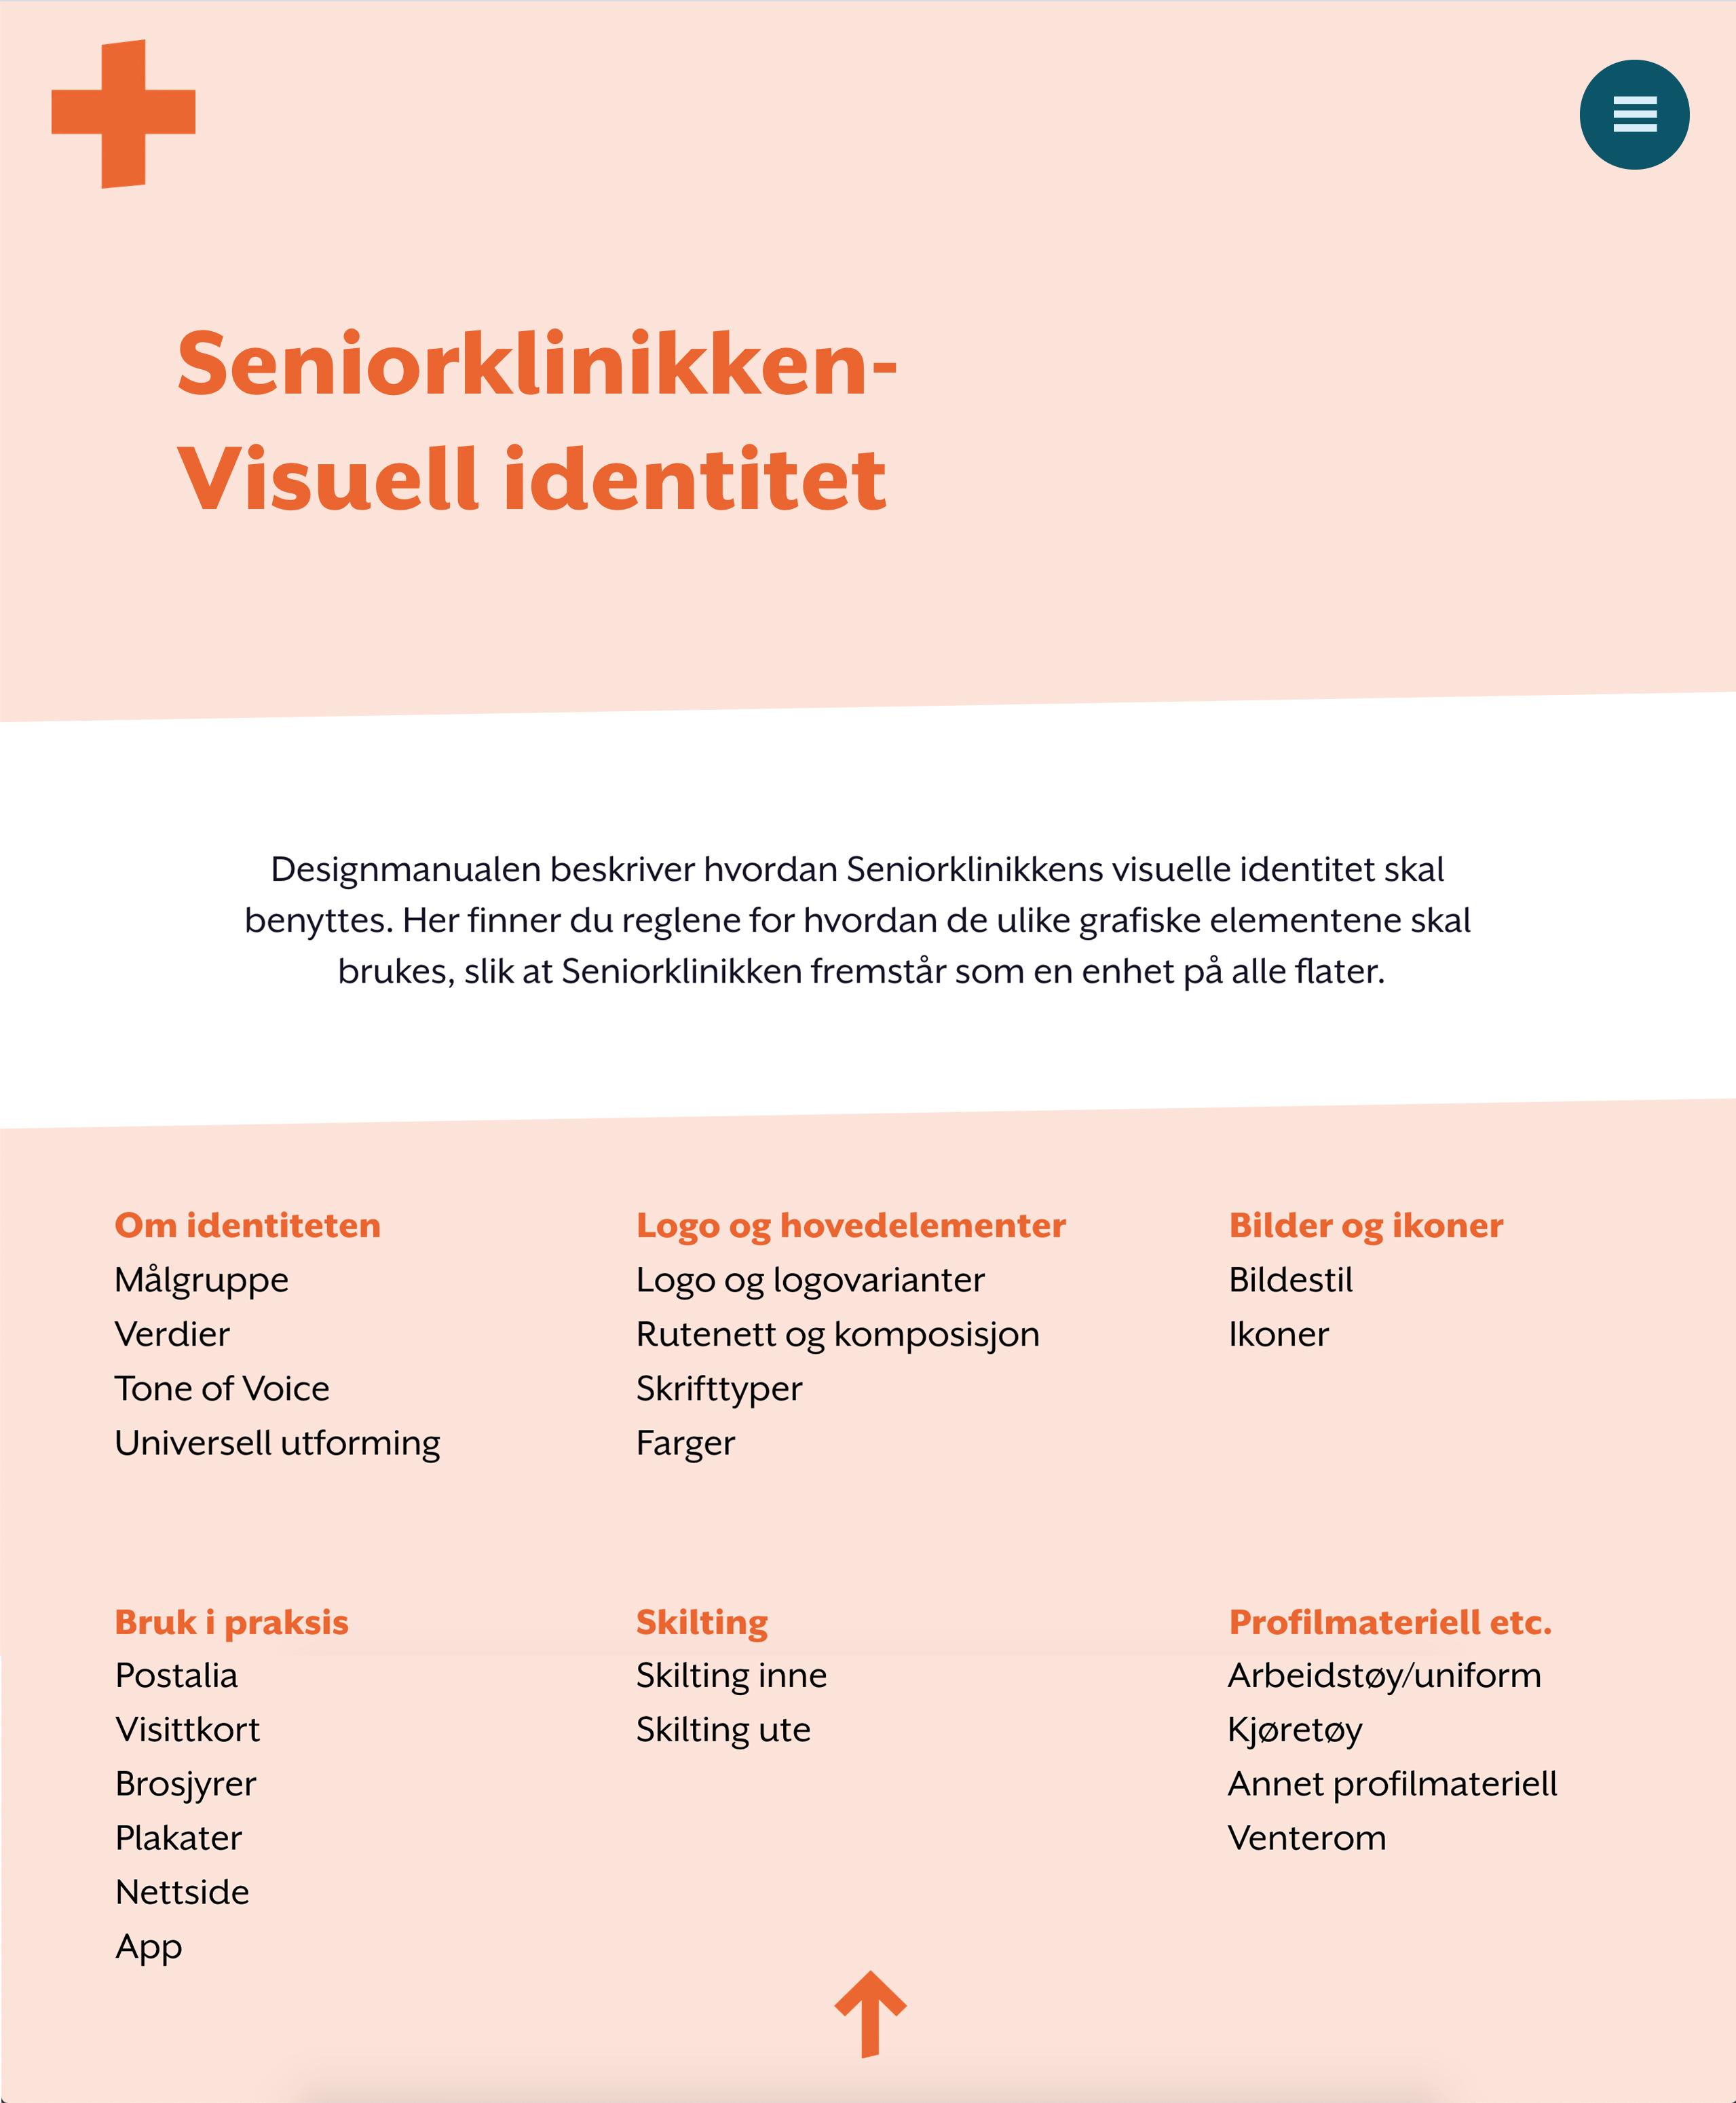 Westerdals Institutt for Kommunikasjon og Design - Seniorklinikken